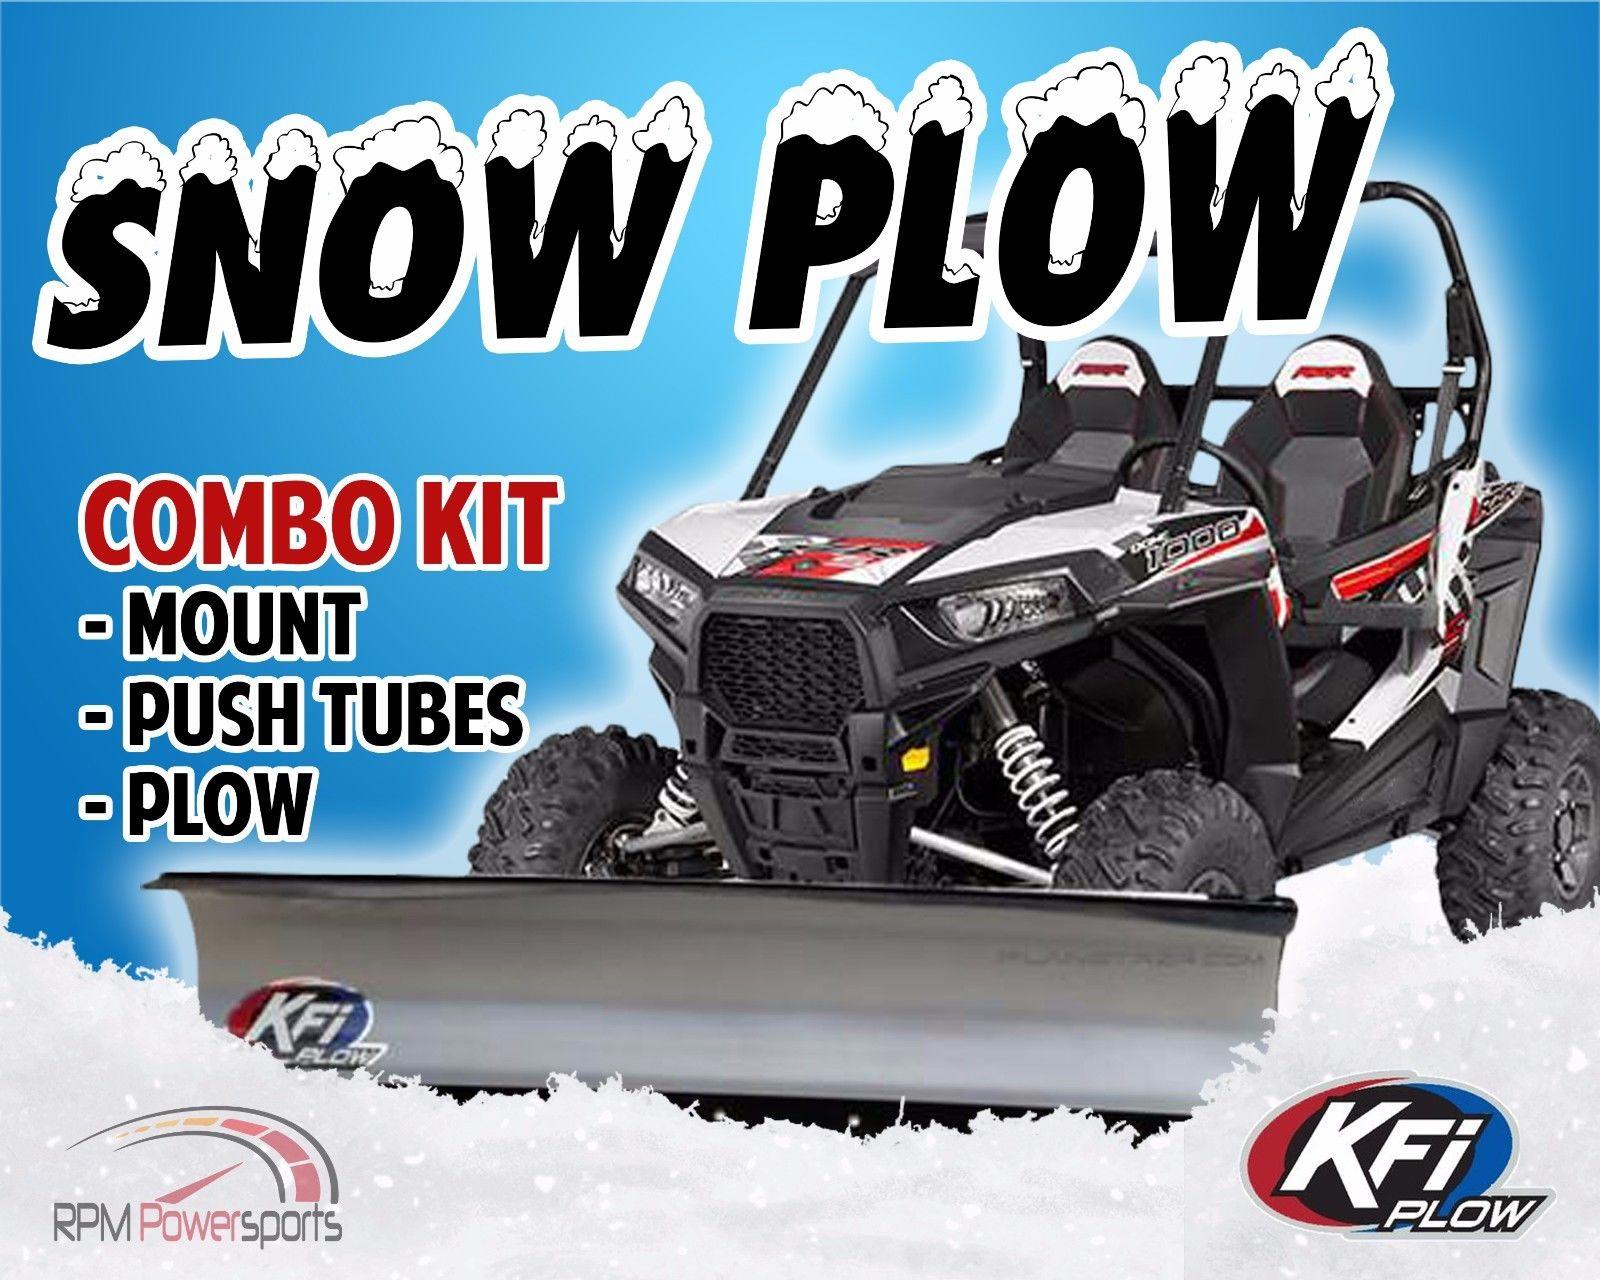 Details About Kfi 66 Pro Series Snow Plow Mount 2017 Arctic Cat Wildcat Trail 700 Utv